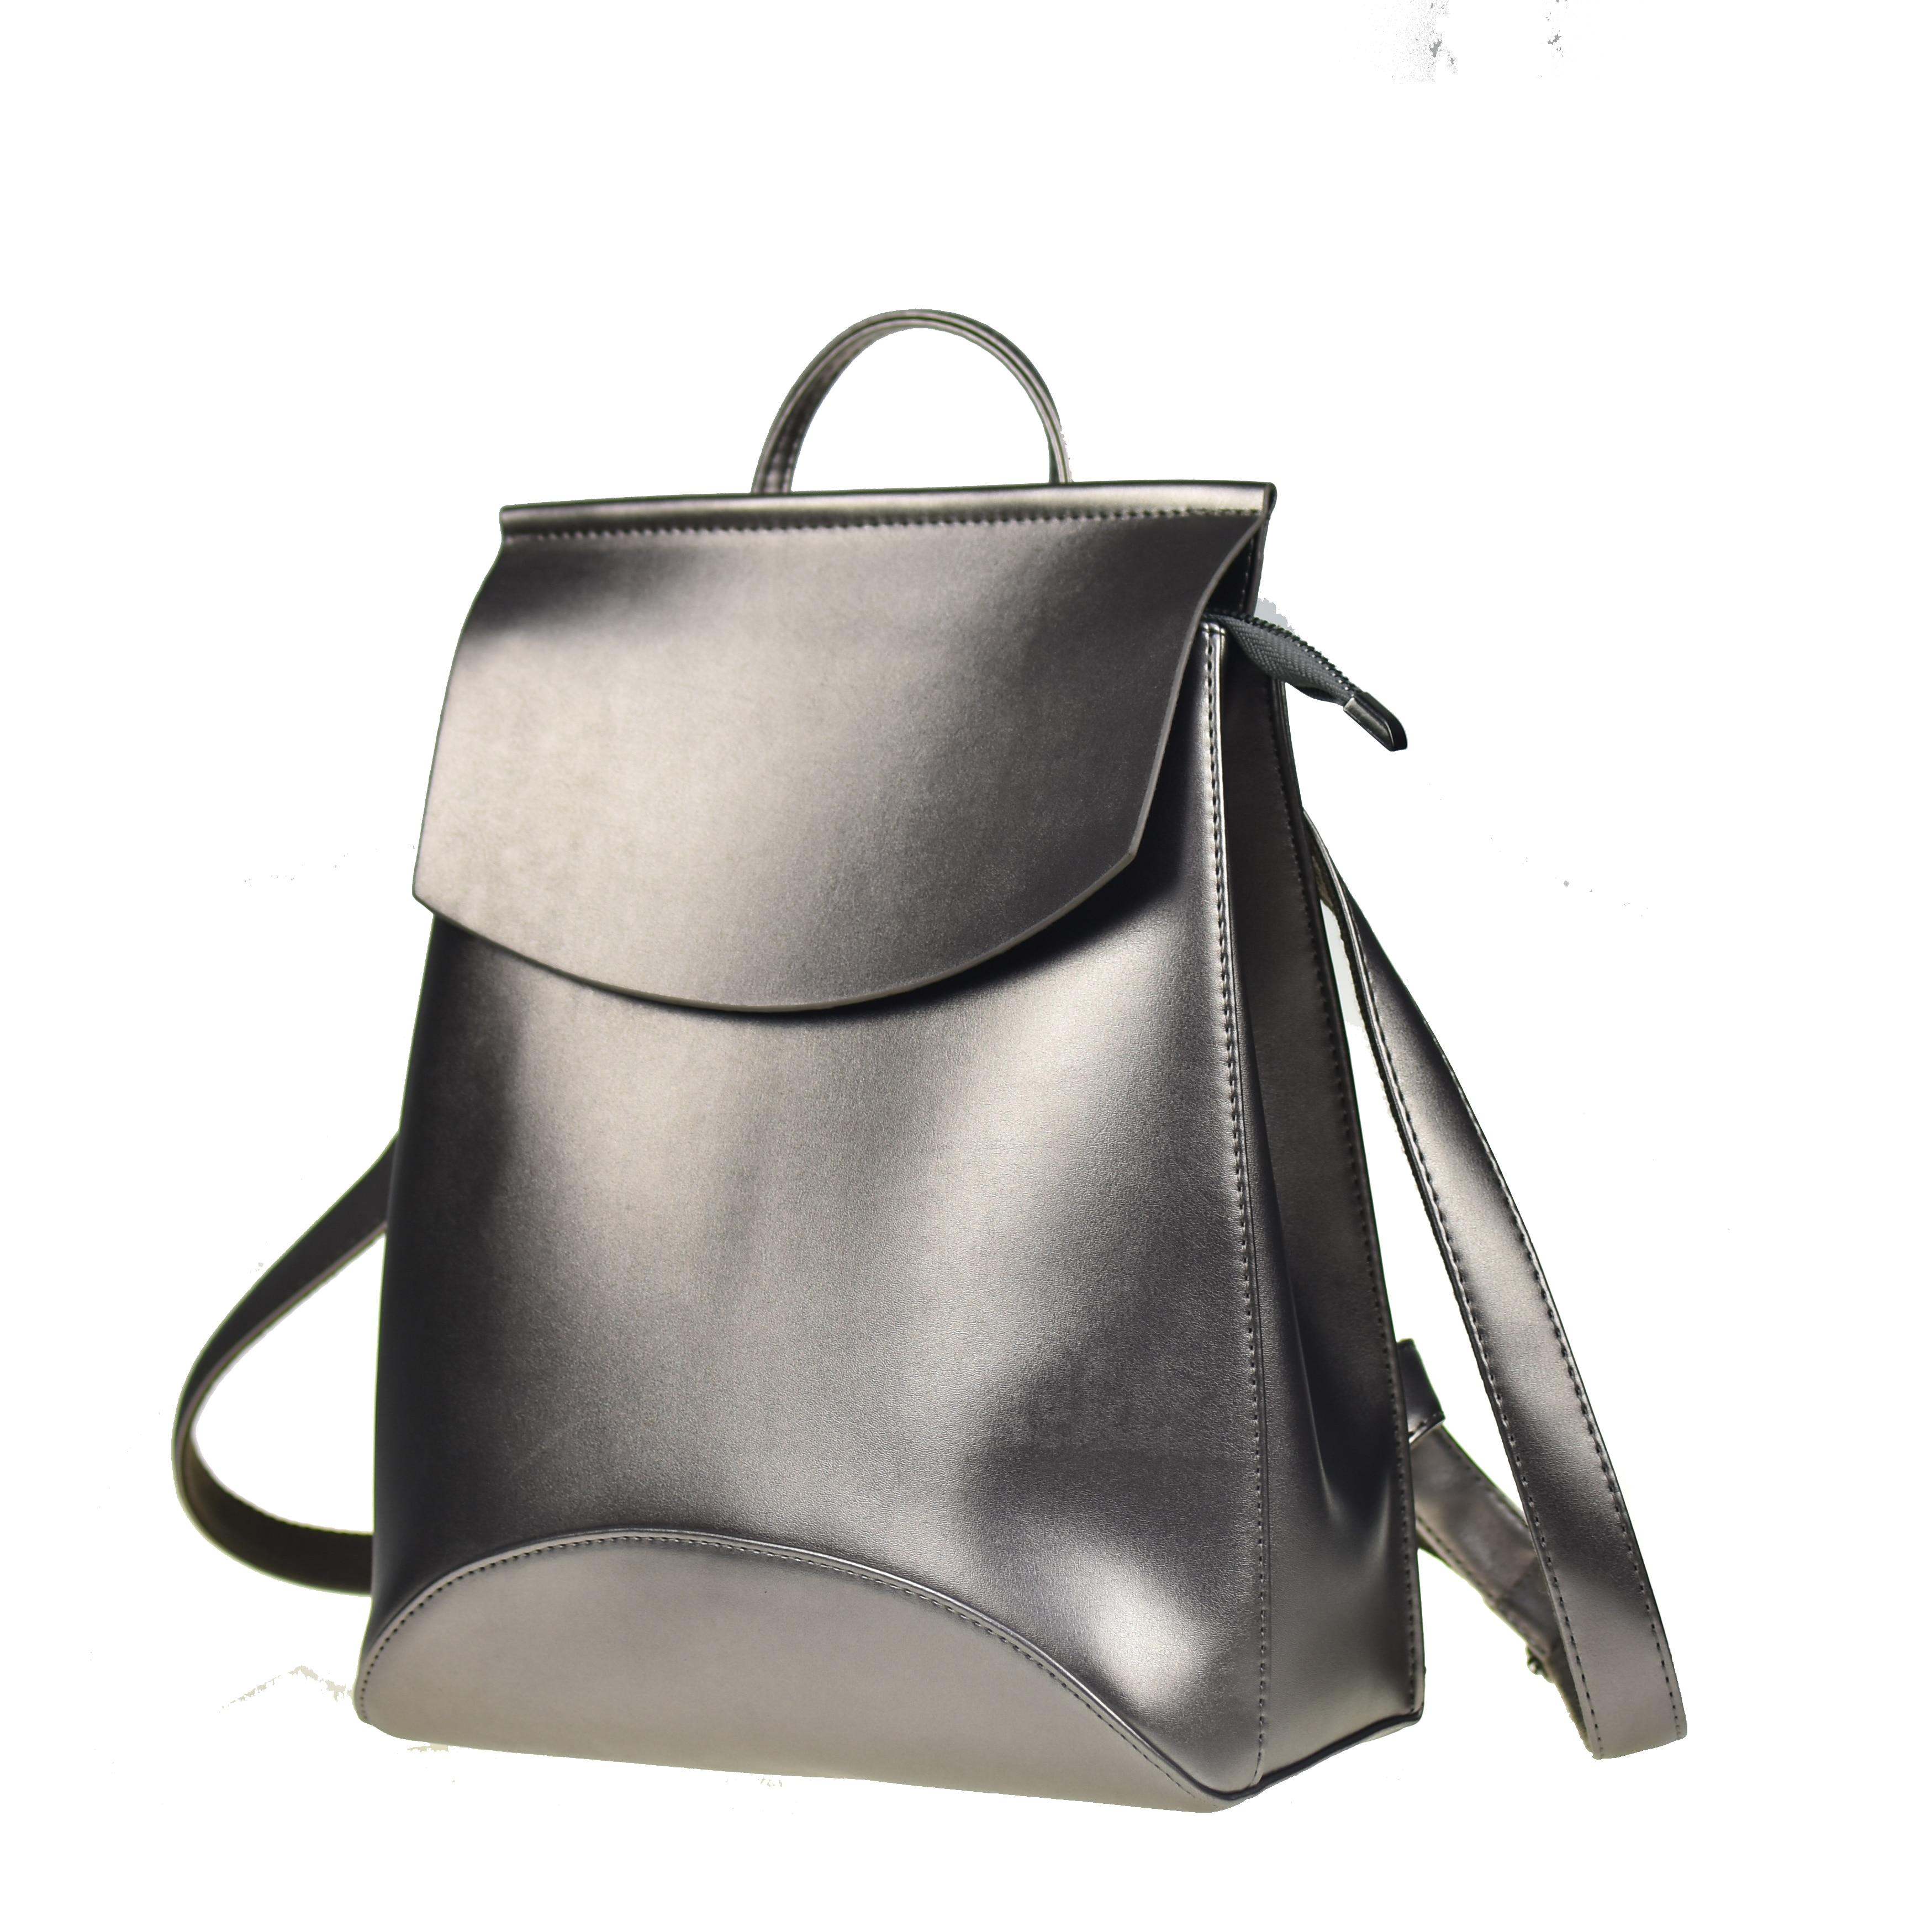 Fashion Women Backpack High Quality Pu Leather Backpacks For Teenage Girls Female School Shoulder Bag Bagpack Mochila #4